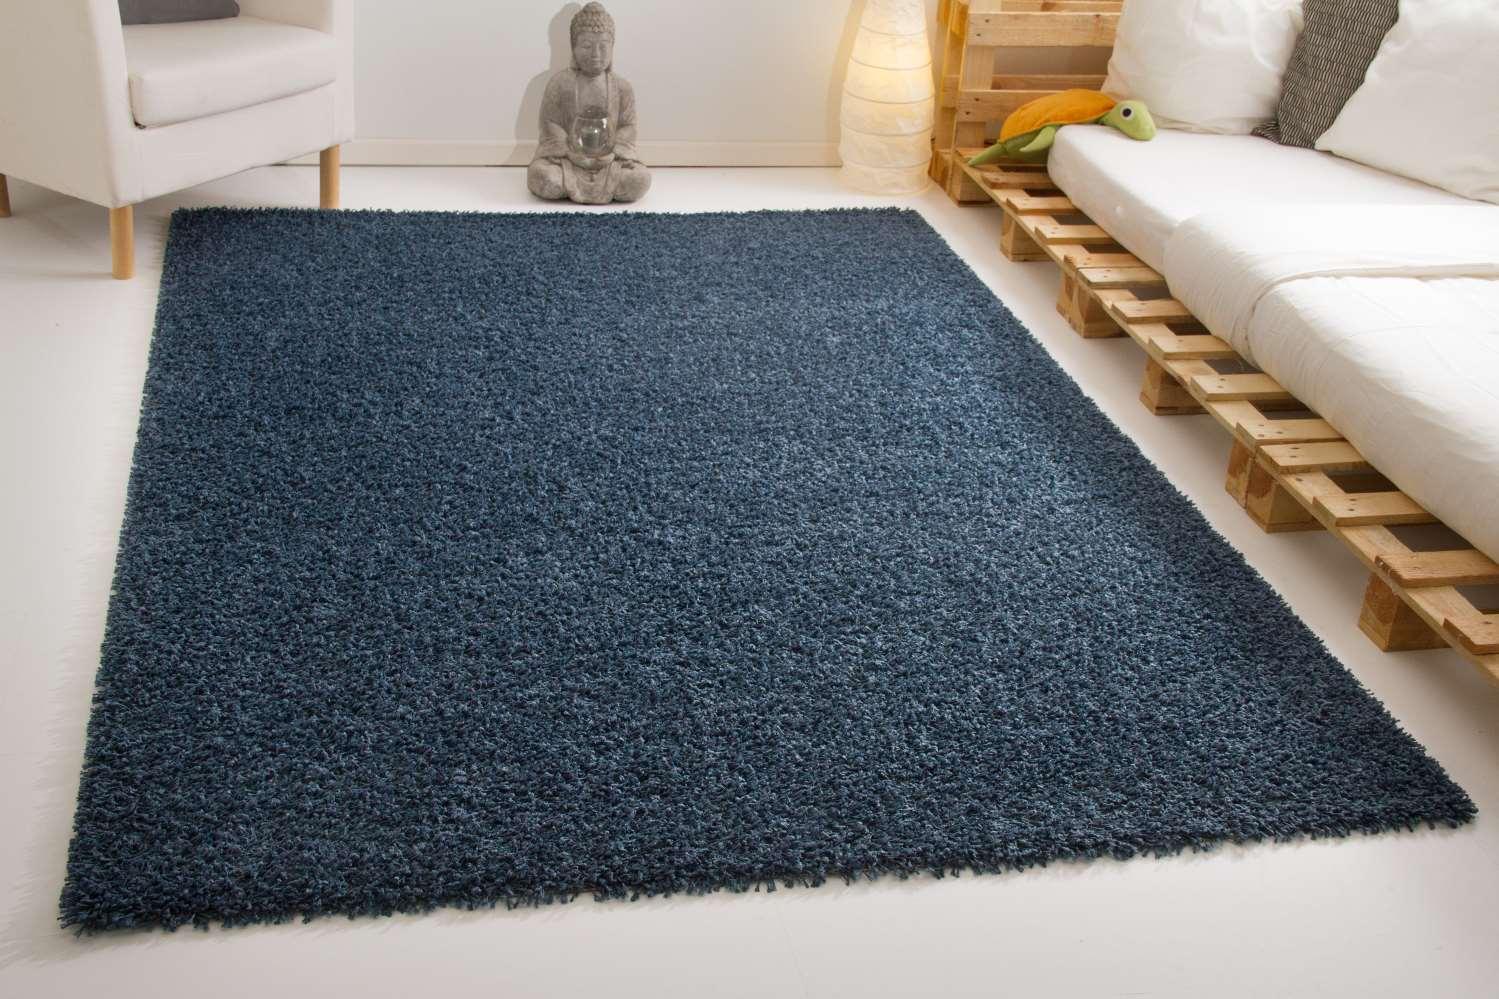 hochflor teppich next funny global carpet. Black Bedroom Furniture Sets. Home Design Ideas